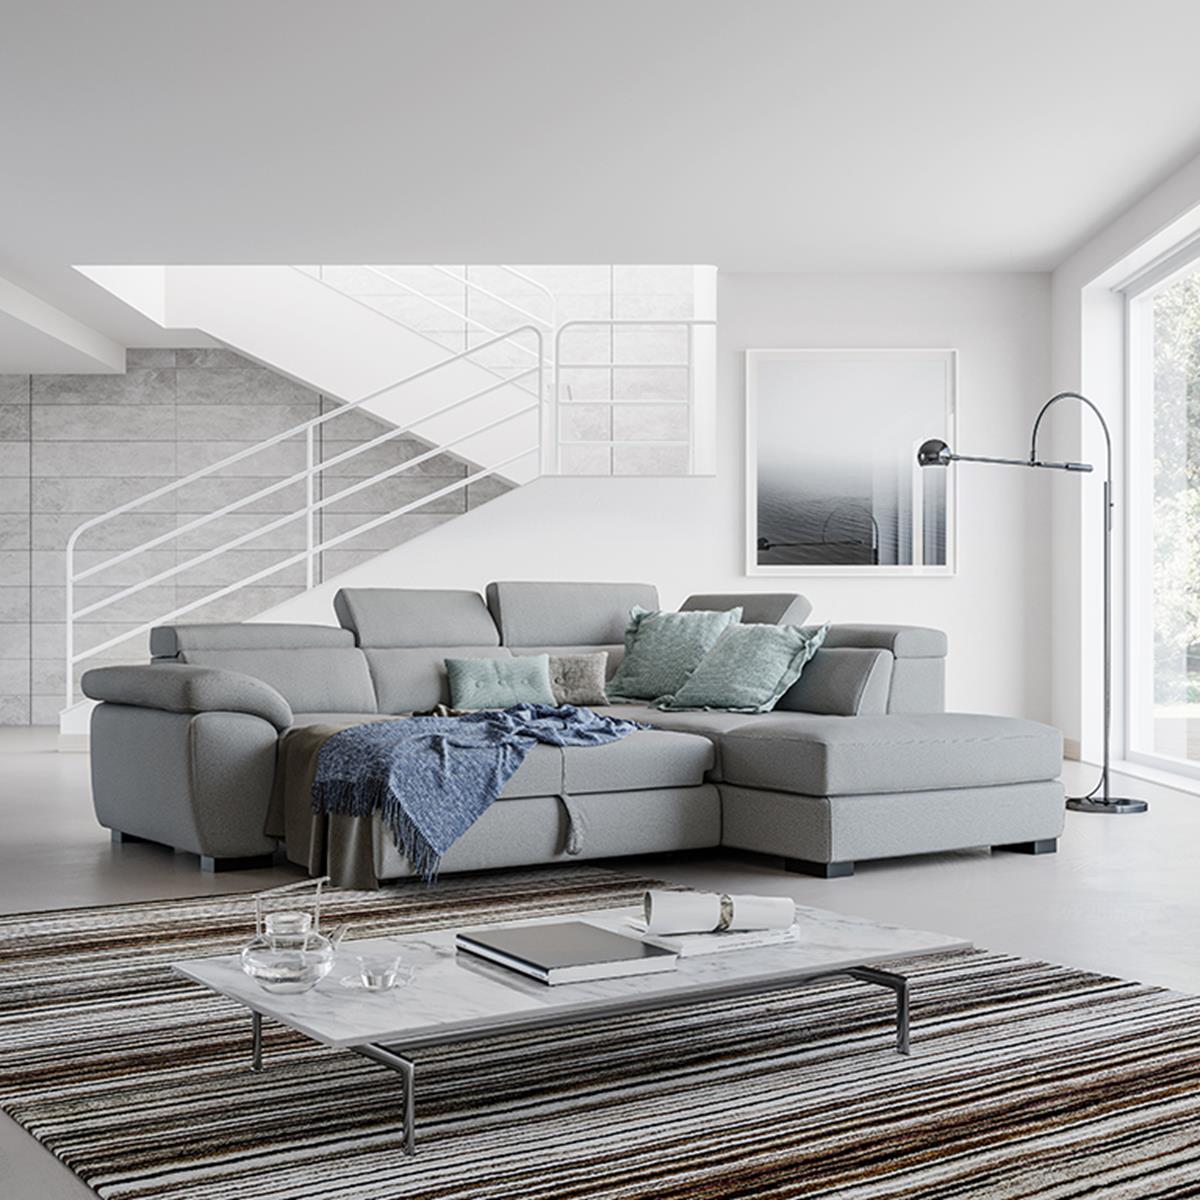 poltronesofa-collezione-divani-letto-15